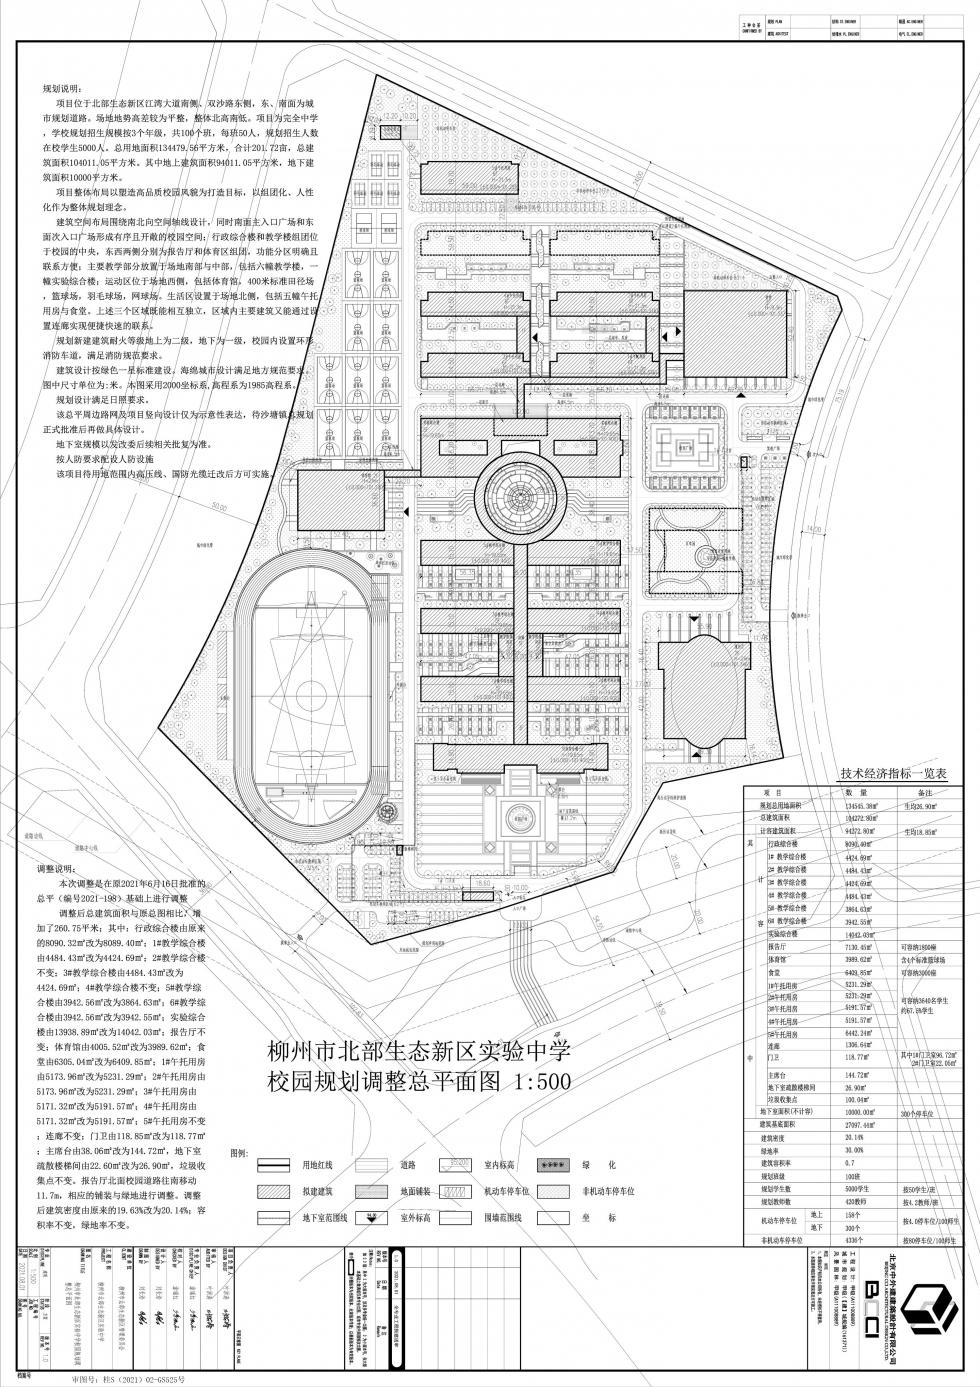 柳州市北部生态新区实验中学.jpg